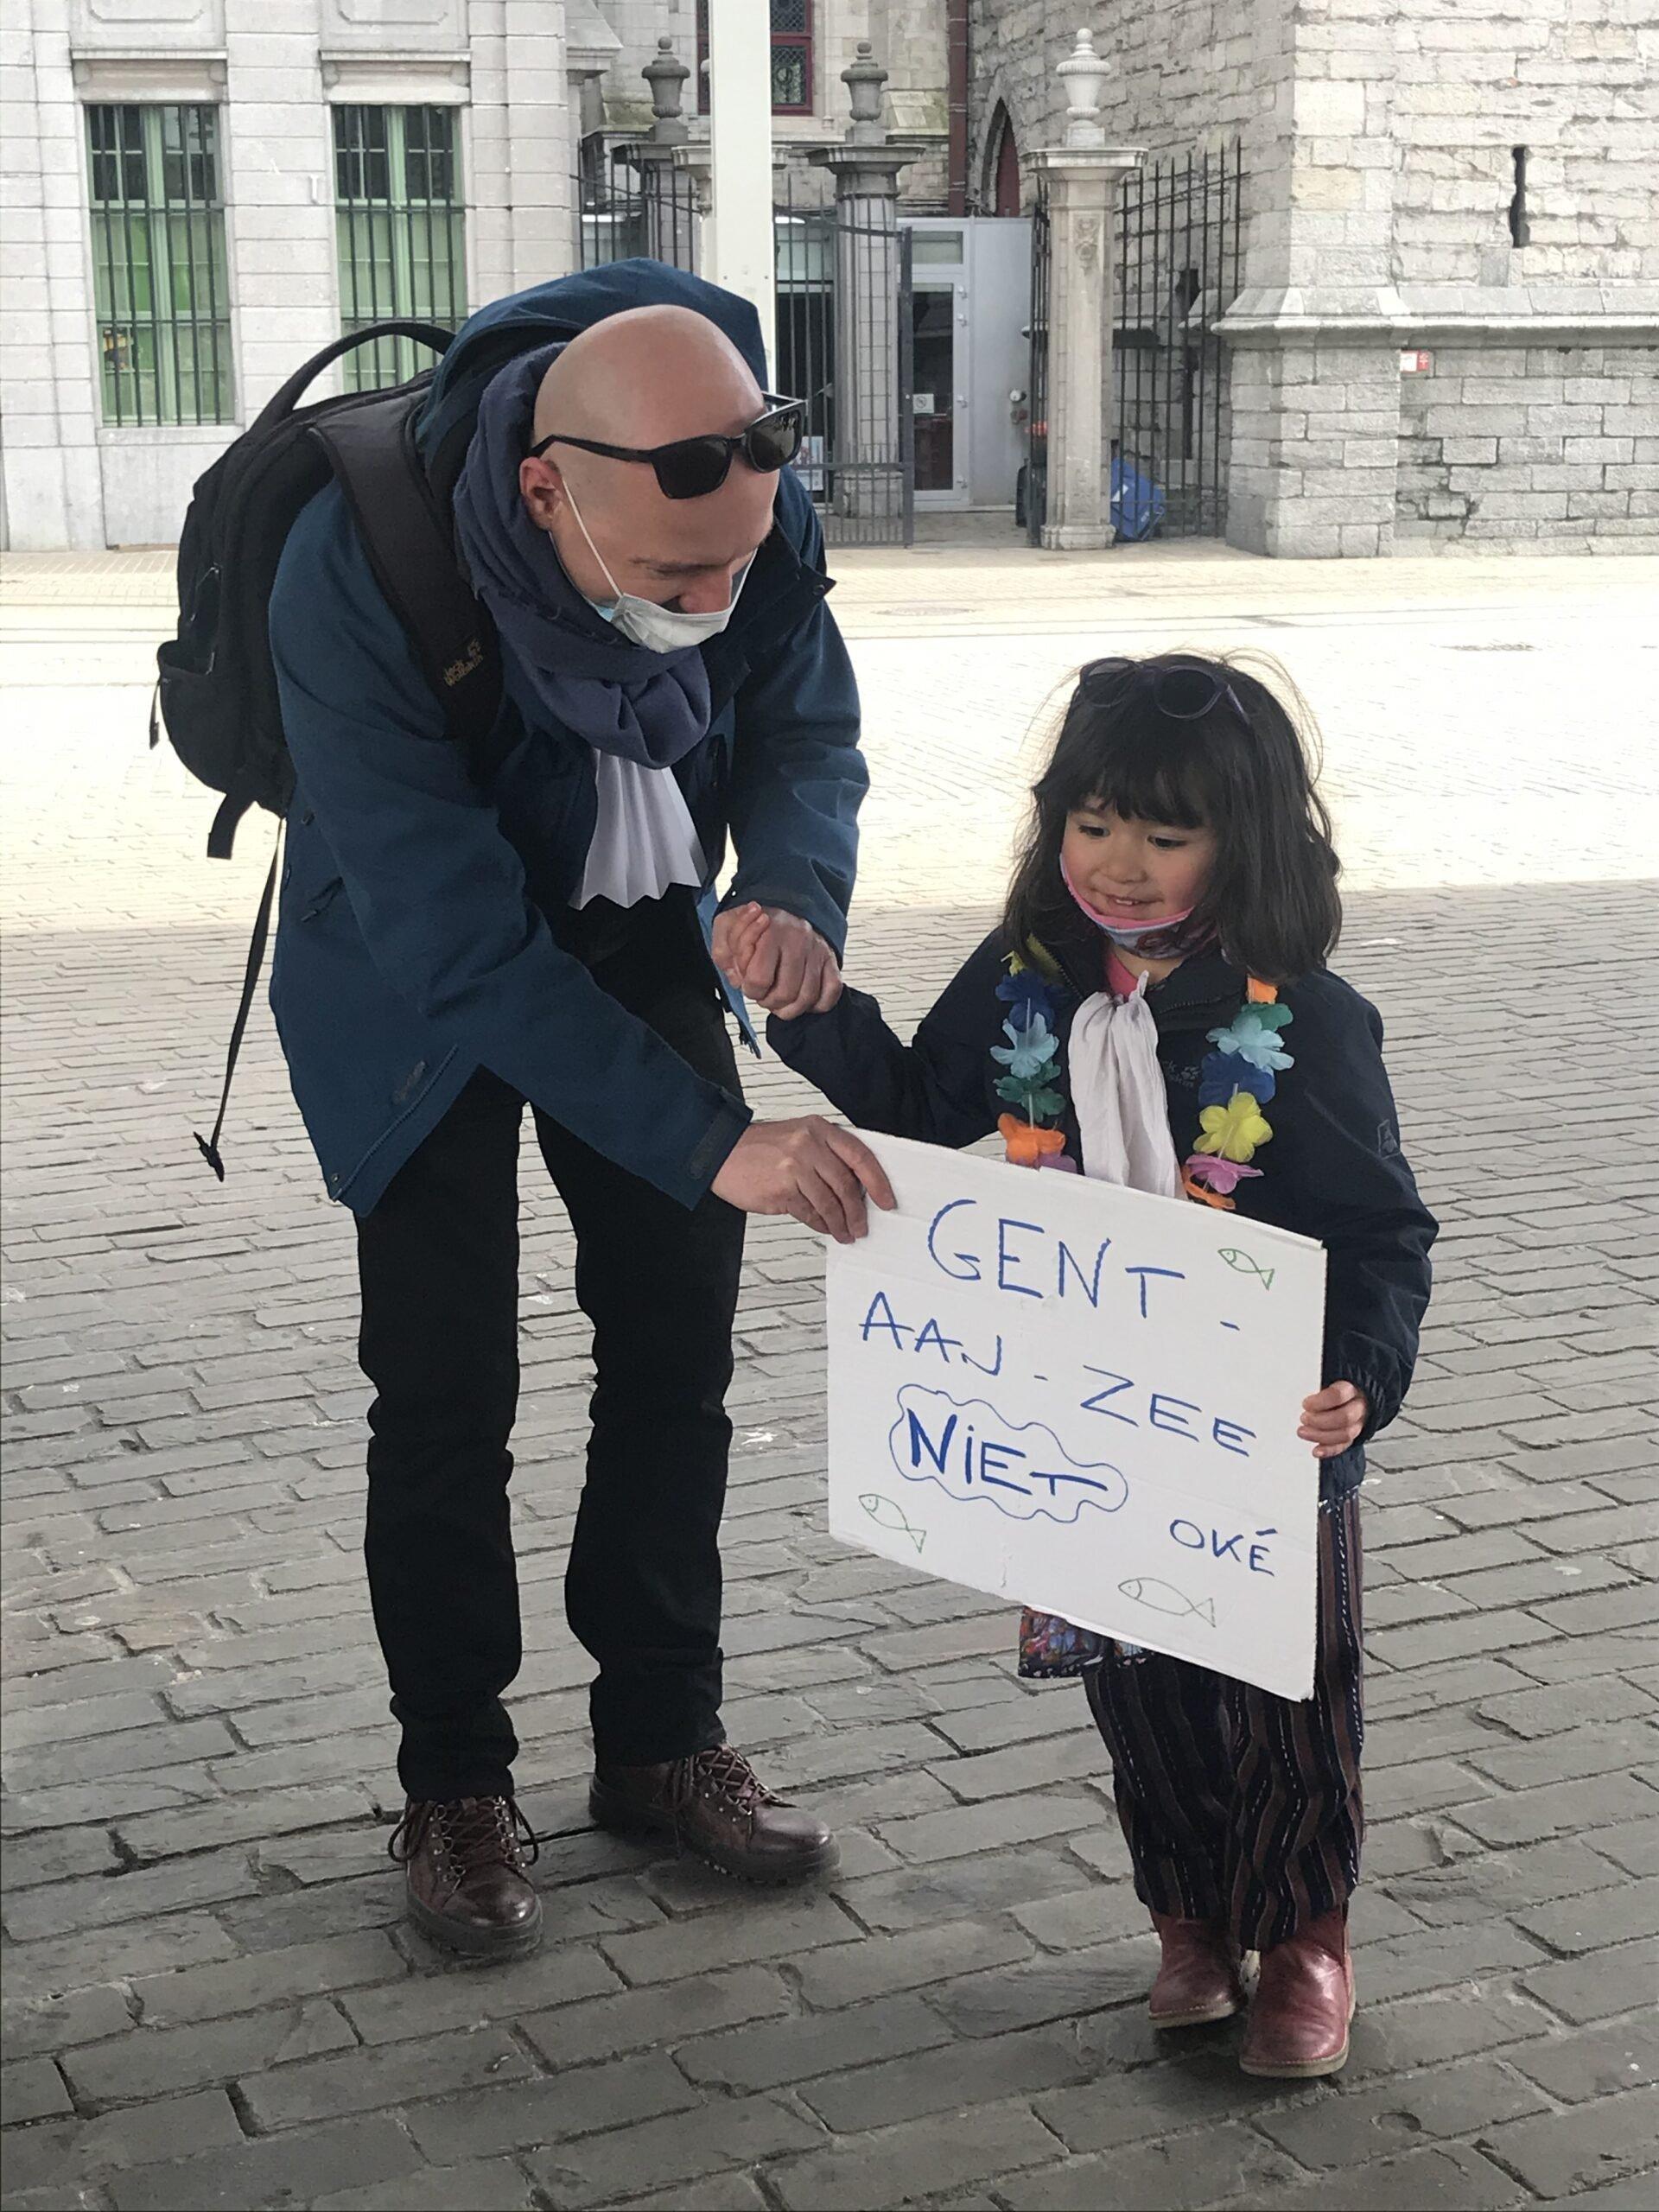 """vader met dochtertje en bord """"Gent aan zee niet oké"""""""